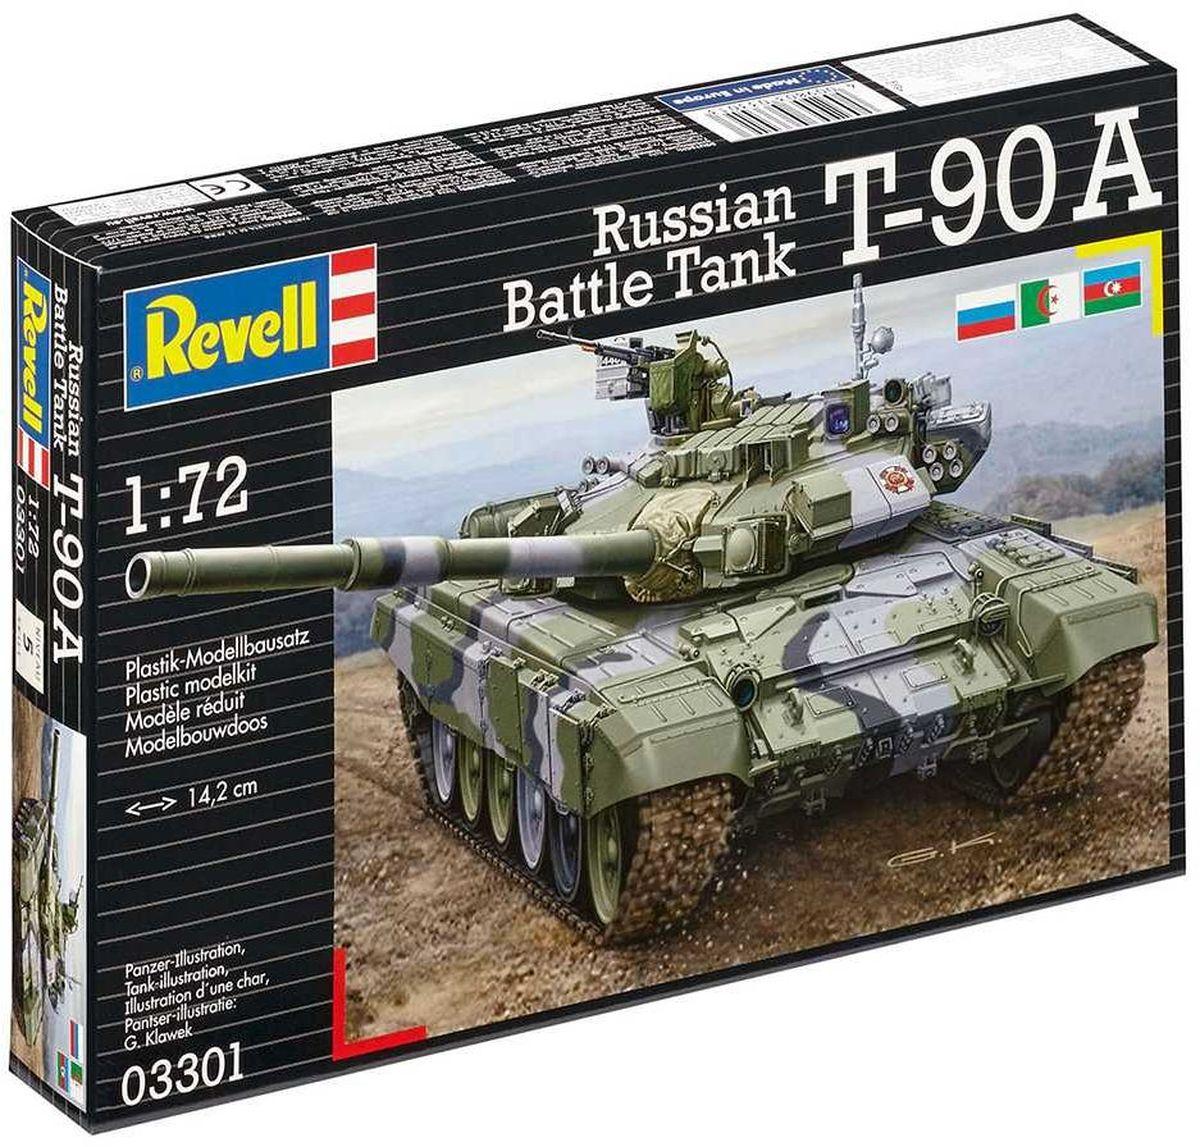 Revell Сборная модель Танк T-90A03301RСборная модель российского танка Т-90А в масштабе 1:72 выполнена из пластика. Для сборки вам понадобится клей для пластика. Кроме того модель необходимо будет покрасить. Рекомендуется использовать клей и краску (акриловую или эмалевую) от Revell. В комплекте с моделью идут декали (переводные картинки). Они помогут вам собрать на выбор одну из 4 уникальных моделей - два варианта танка российской армии, один - азербайджанской, а также вариант танка армии Алжира.